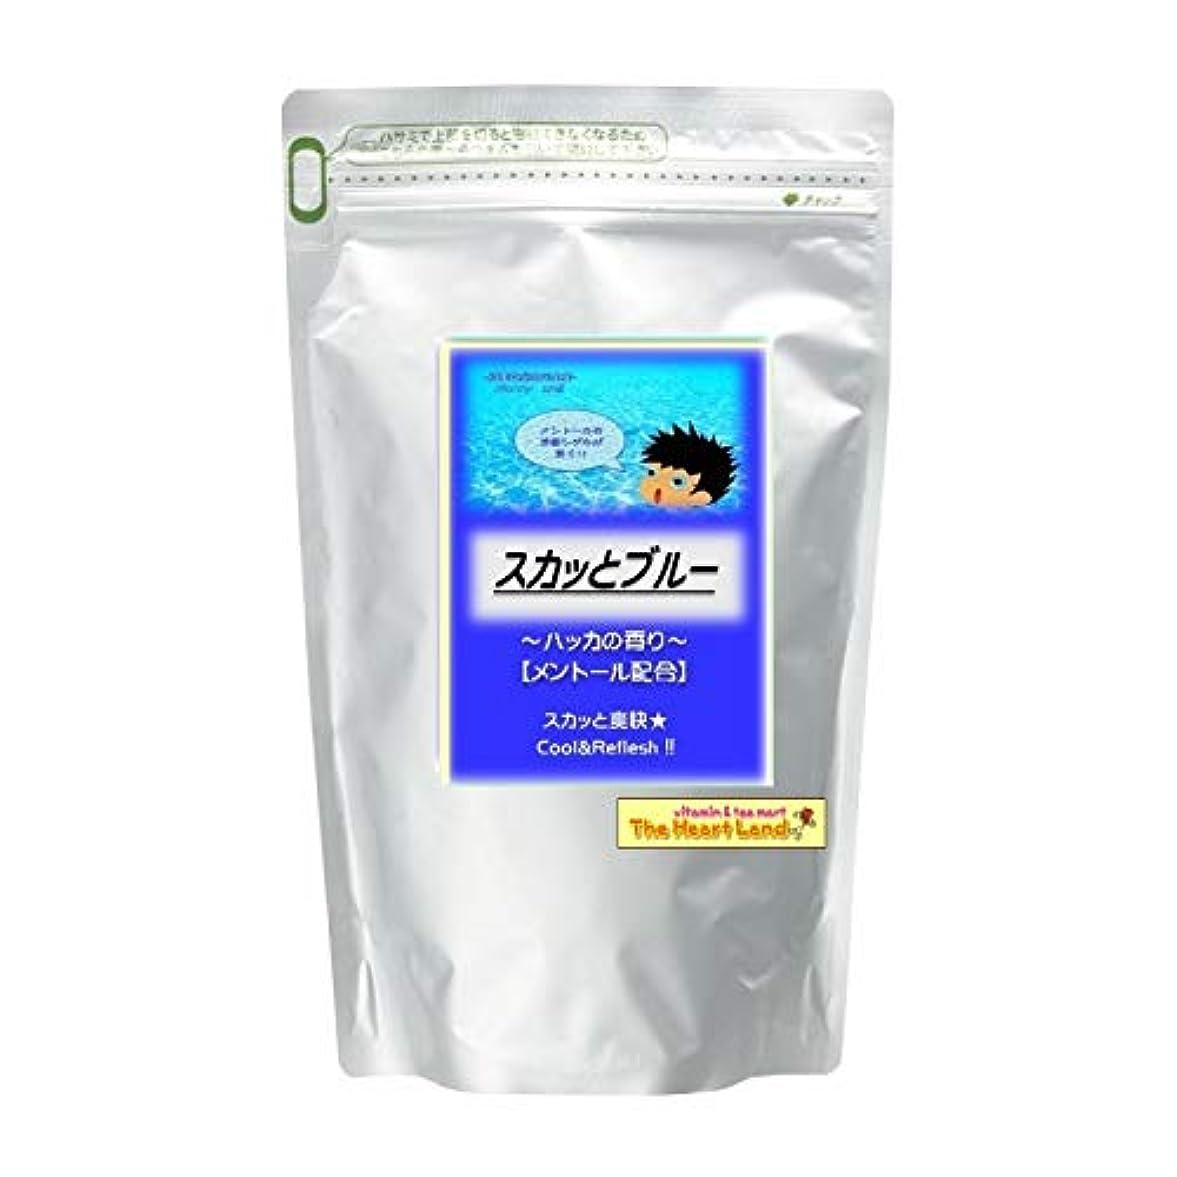 カップル病気だと思う研磨アサヒ入浴剤 浴用入浴化粧品 スカッとブルー 2.5kg